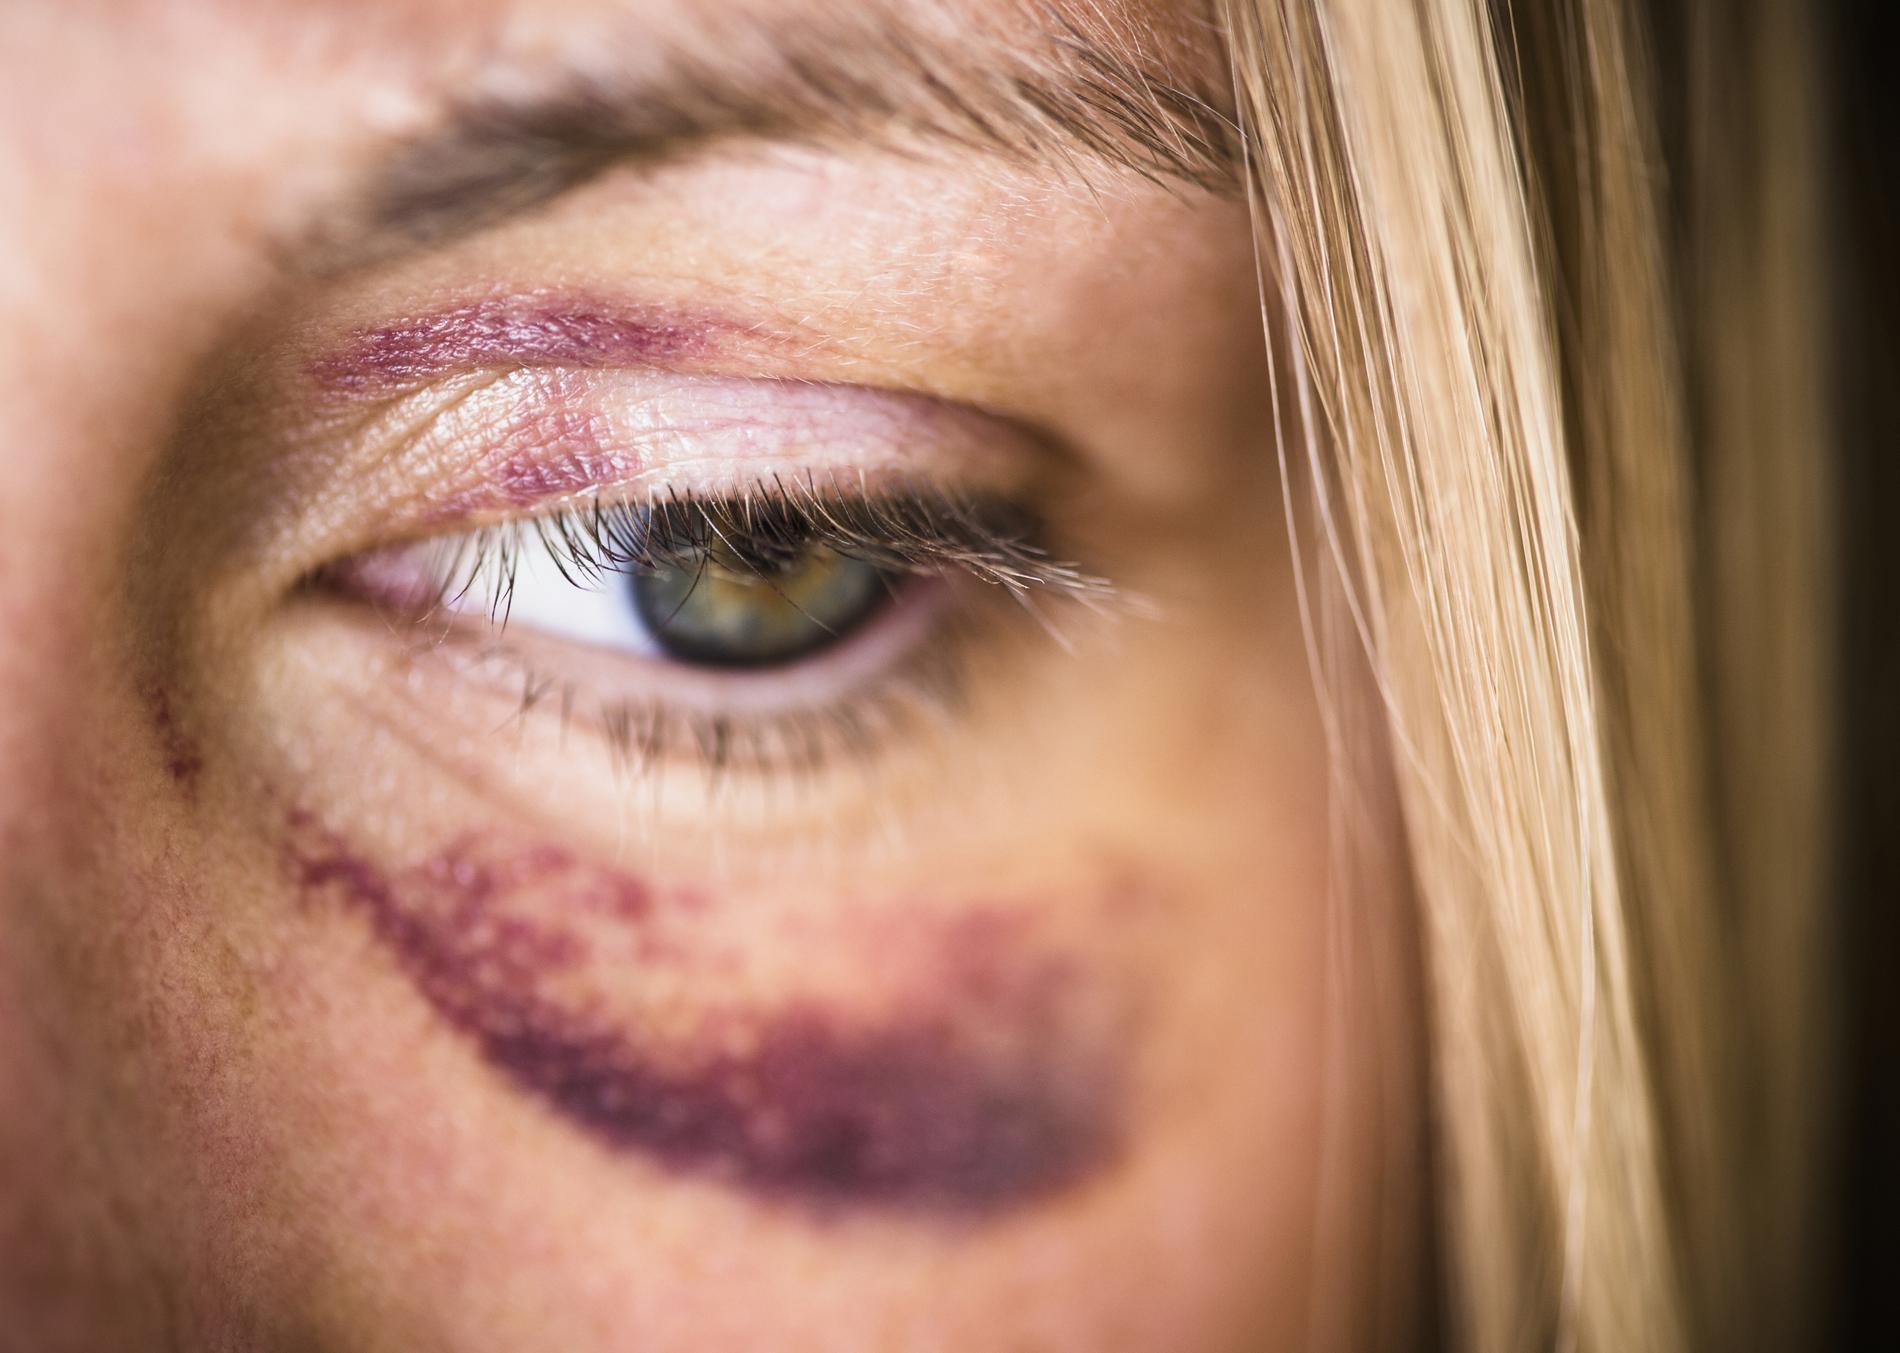 violences faites aux femmes l 39 horreur en 10 chiffres. Black Bedroom Furniture Sets. Home Design Ideas